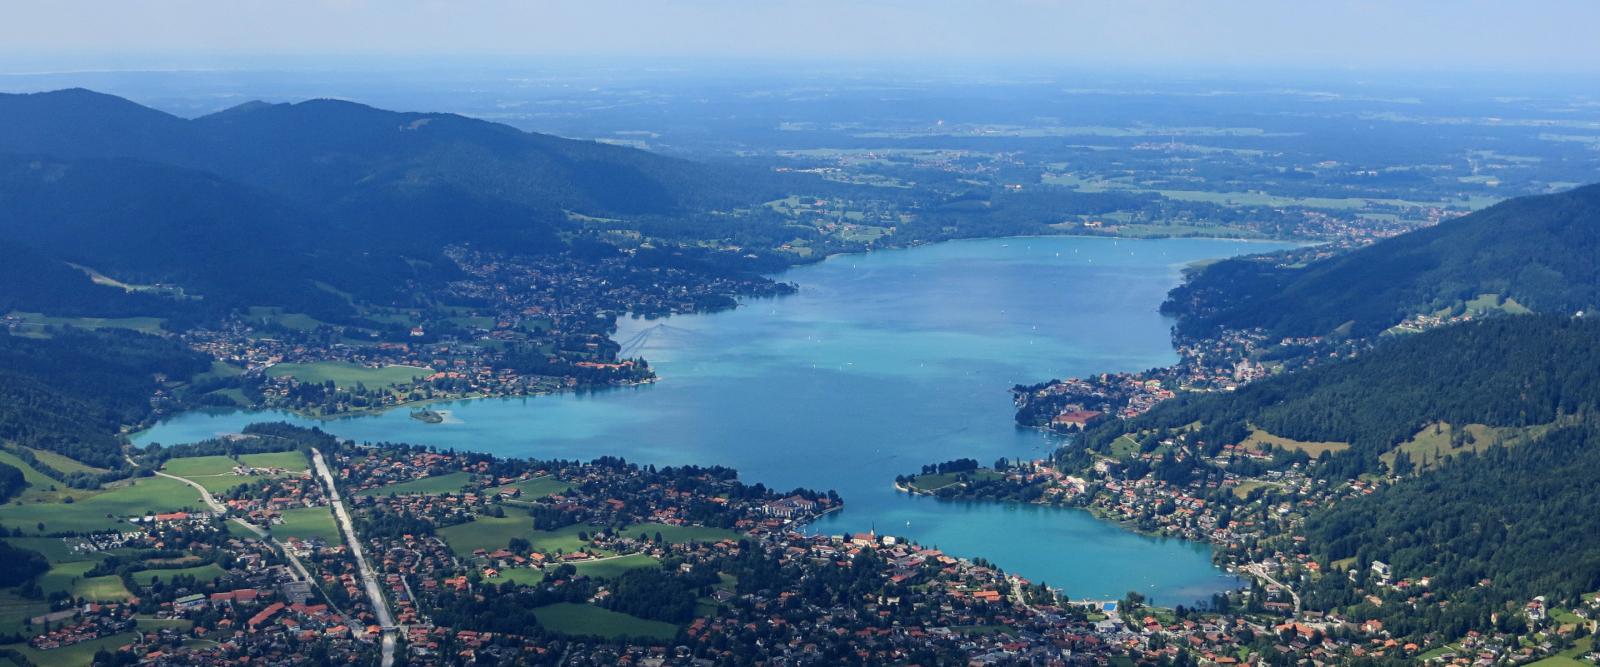 Tegernsee Ausflug von München - See Ausfluge Bayern